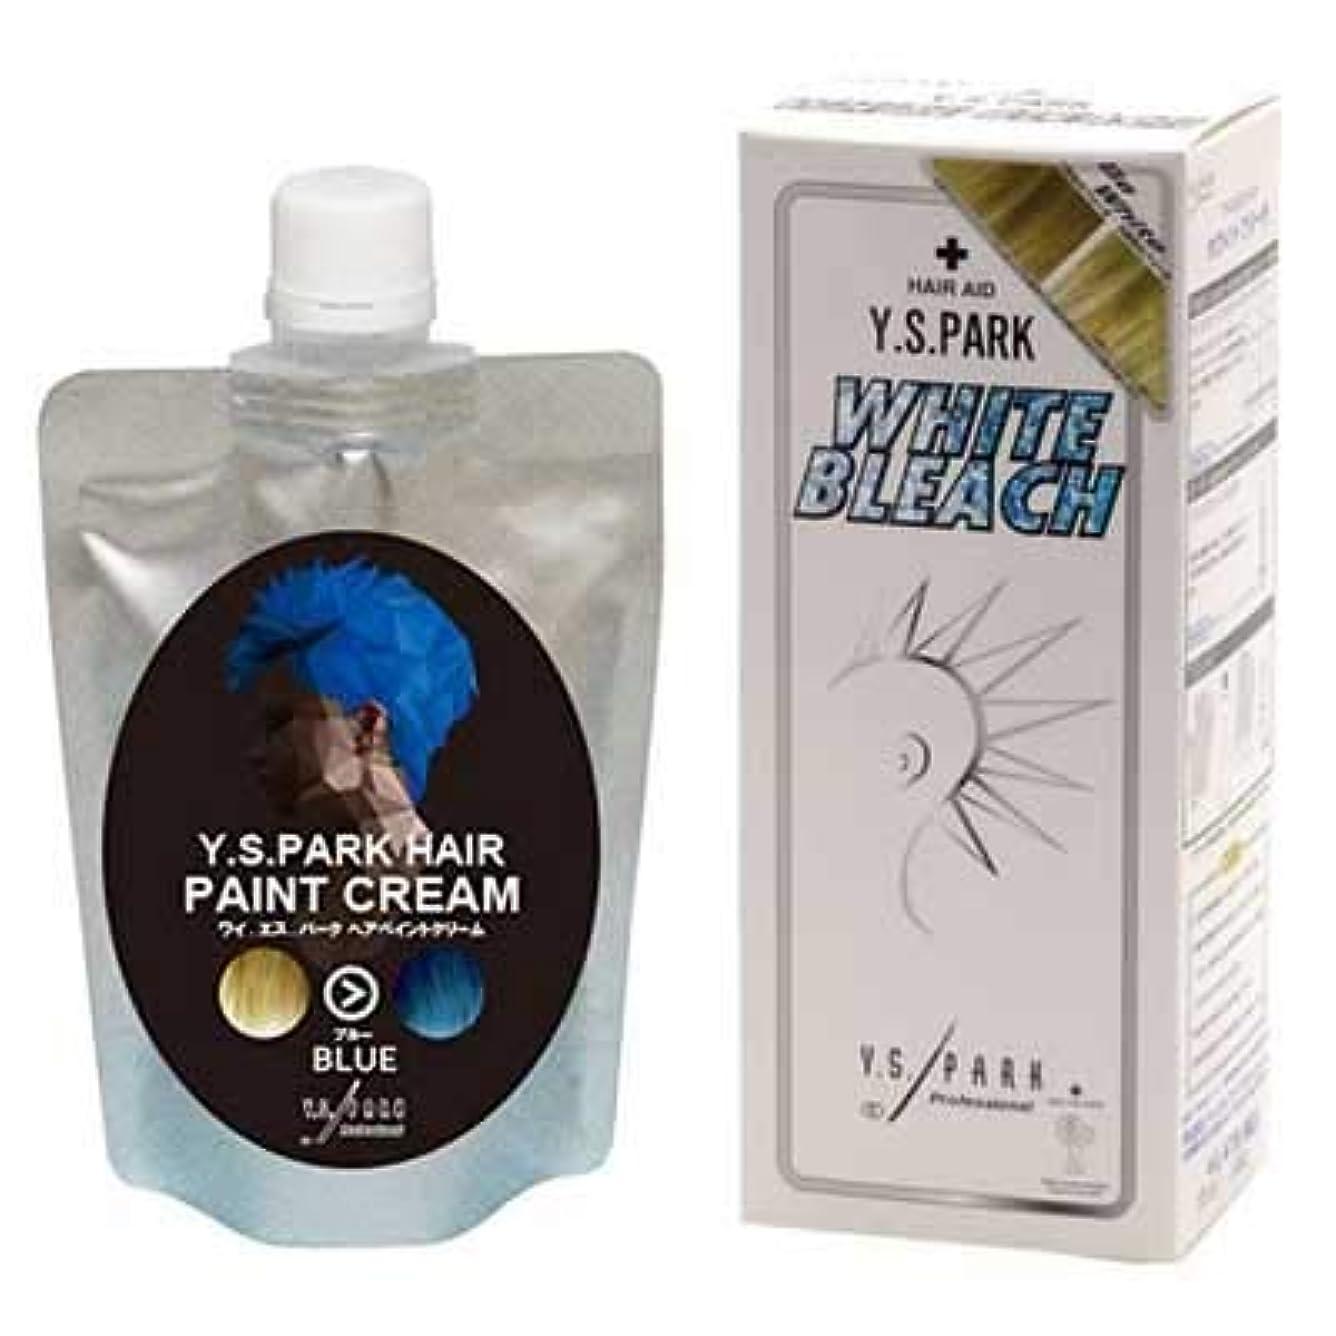 みがきます陽気な眠りY.S.PARKヘアペイントクリーム ブルー 200g & Y.S.PARKホワイトブリーチセット